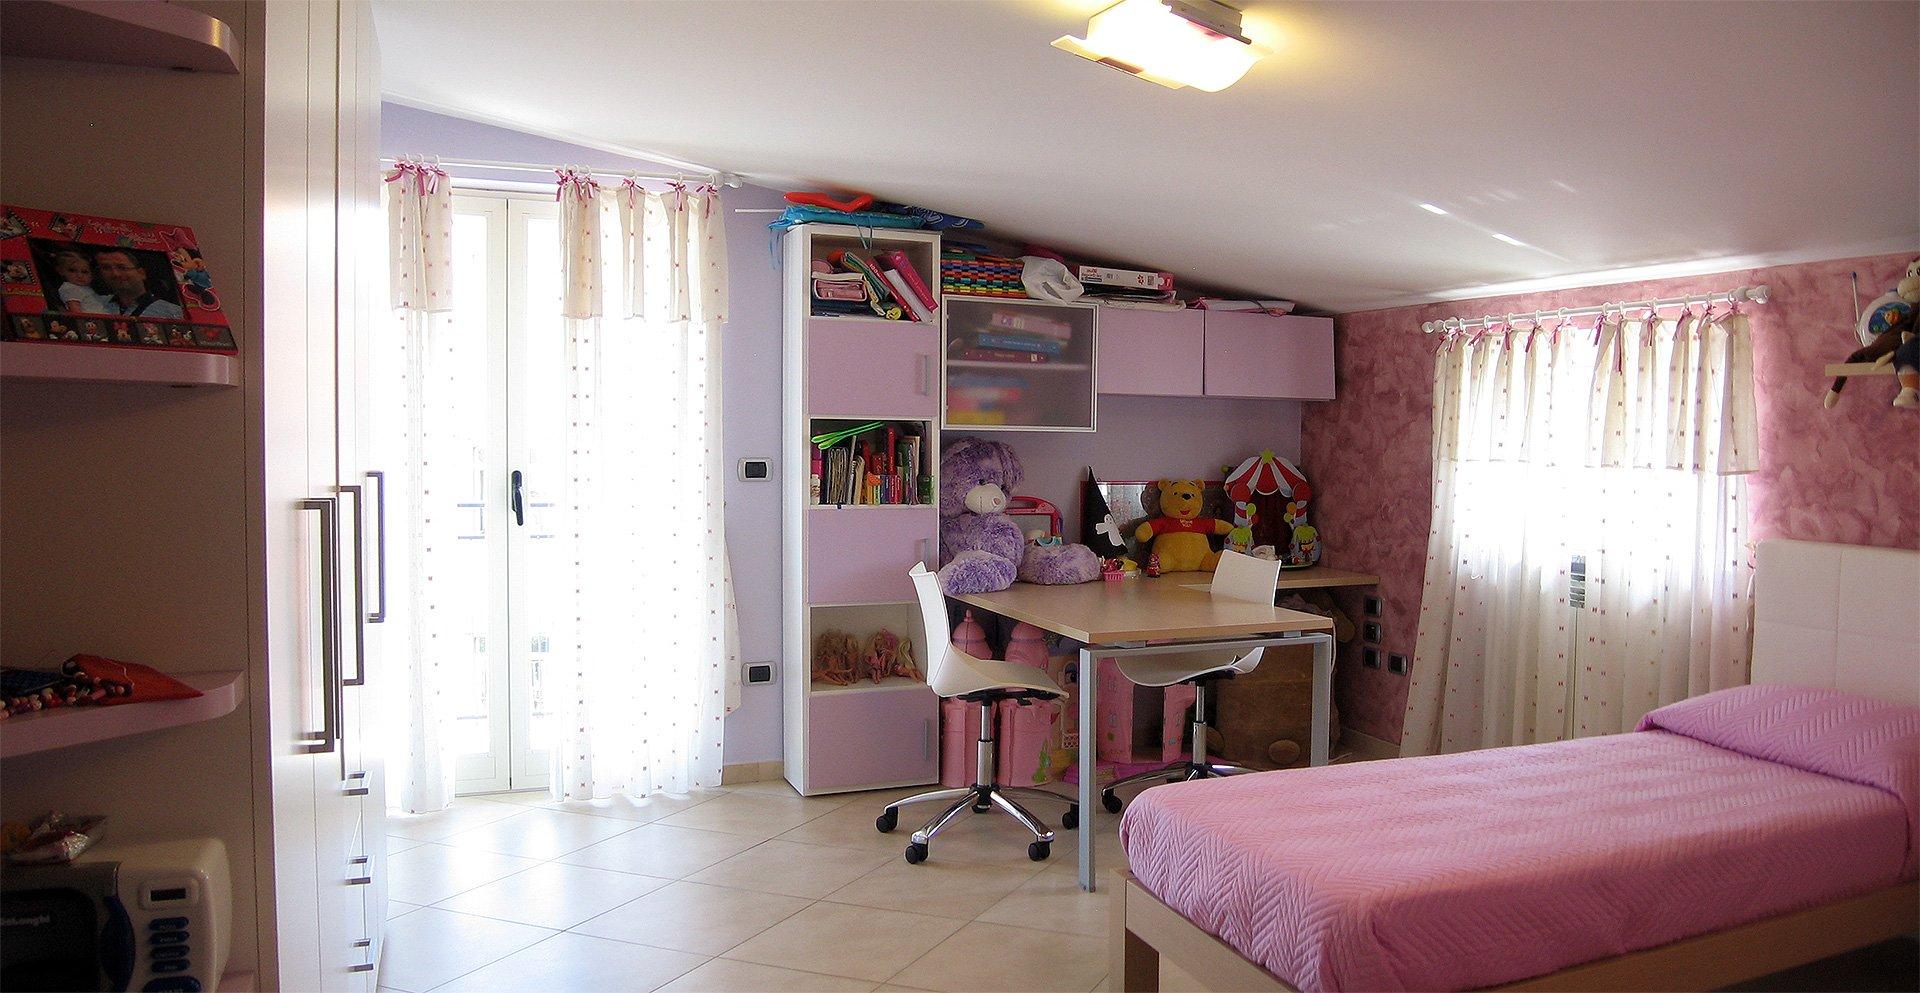 Progetto di arredo di una cameretta per bambini - Poggiomarino (NA ...